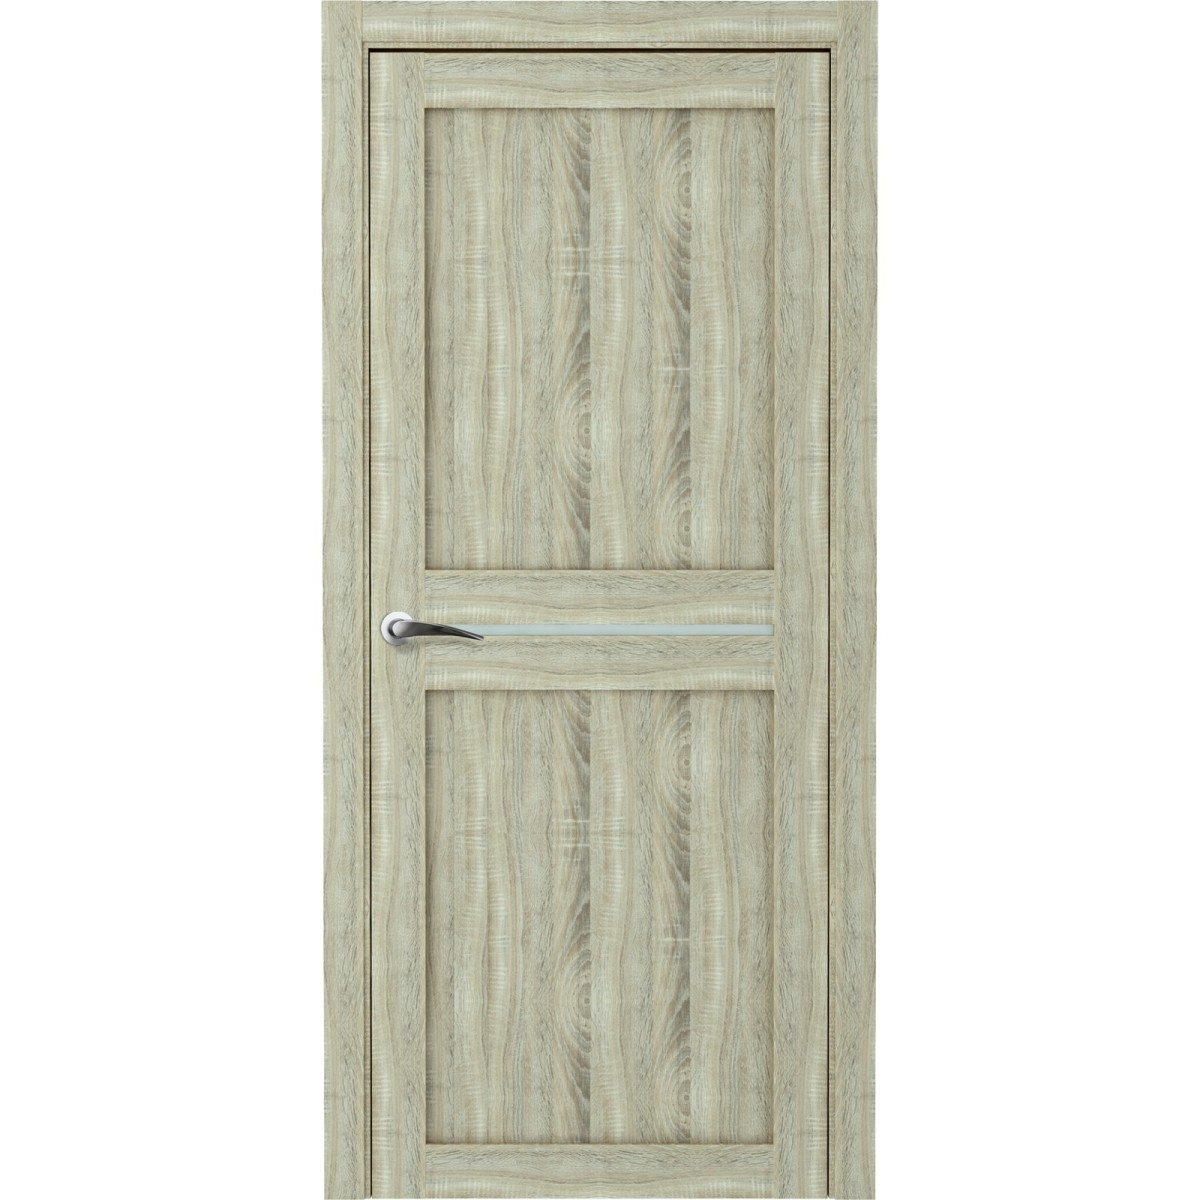 Дверь Межкомнатная Глухая Вита 60x200 Ламинация Дуб Натуральный С Фурнитурой